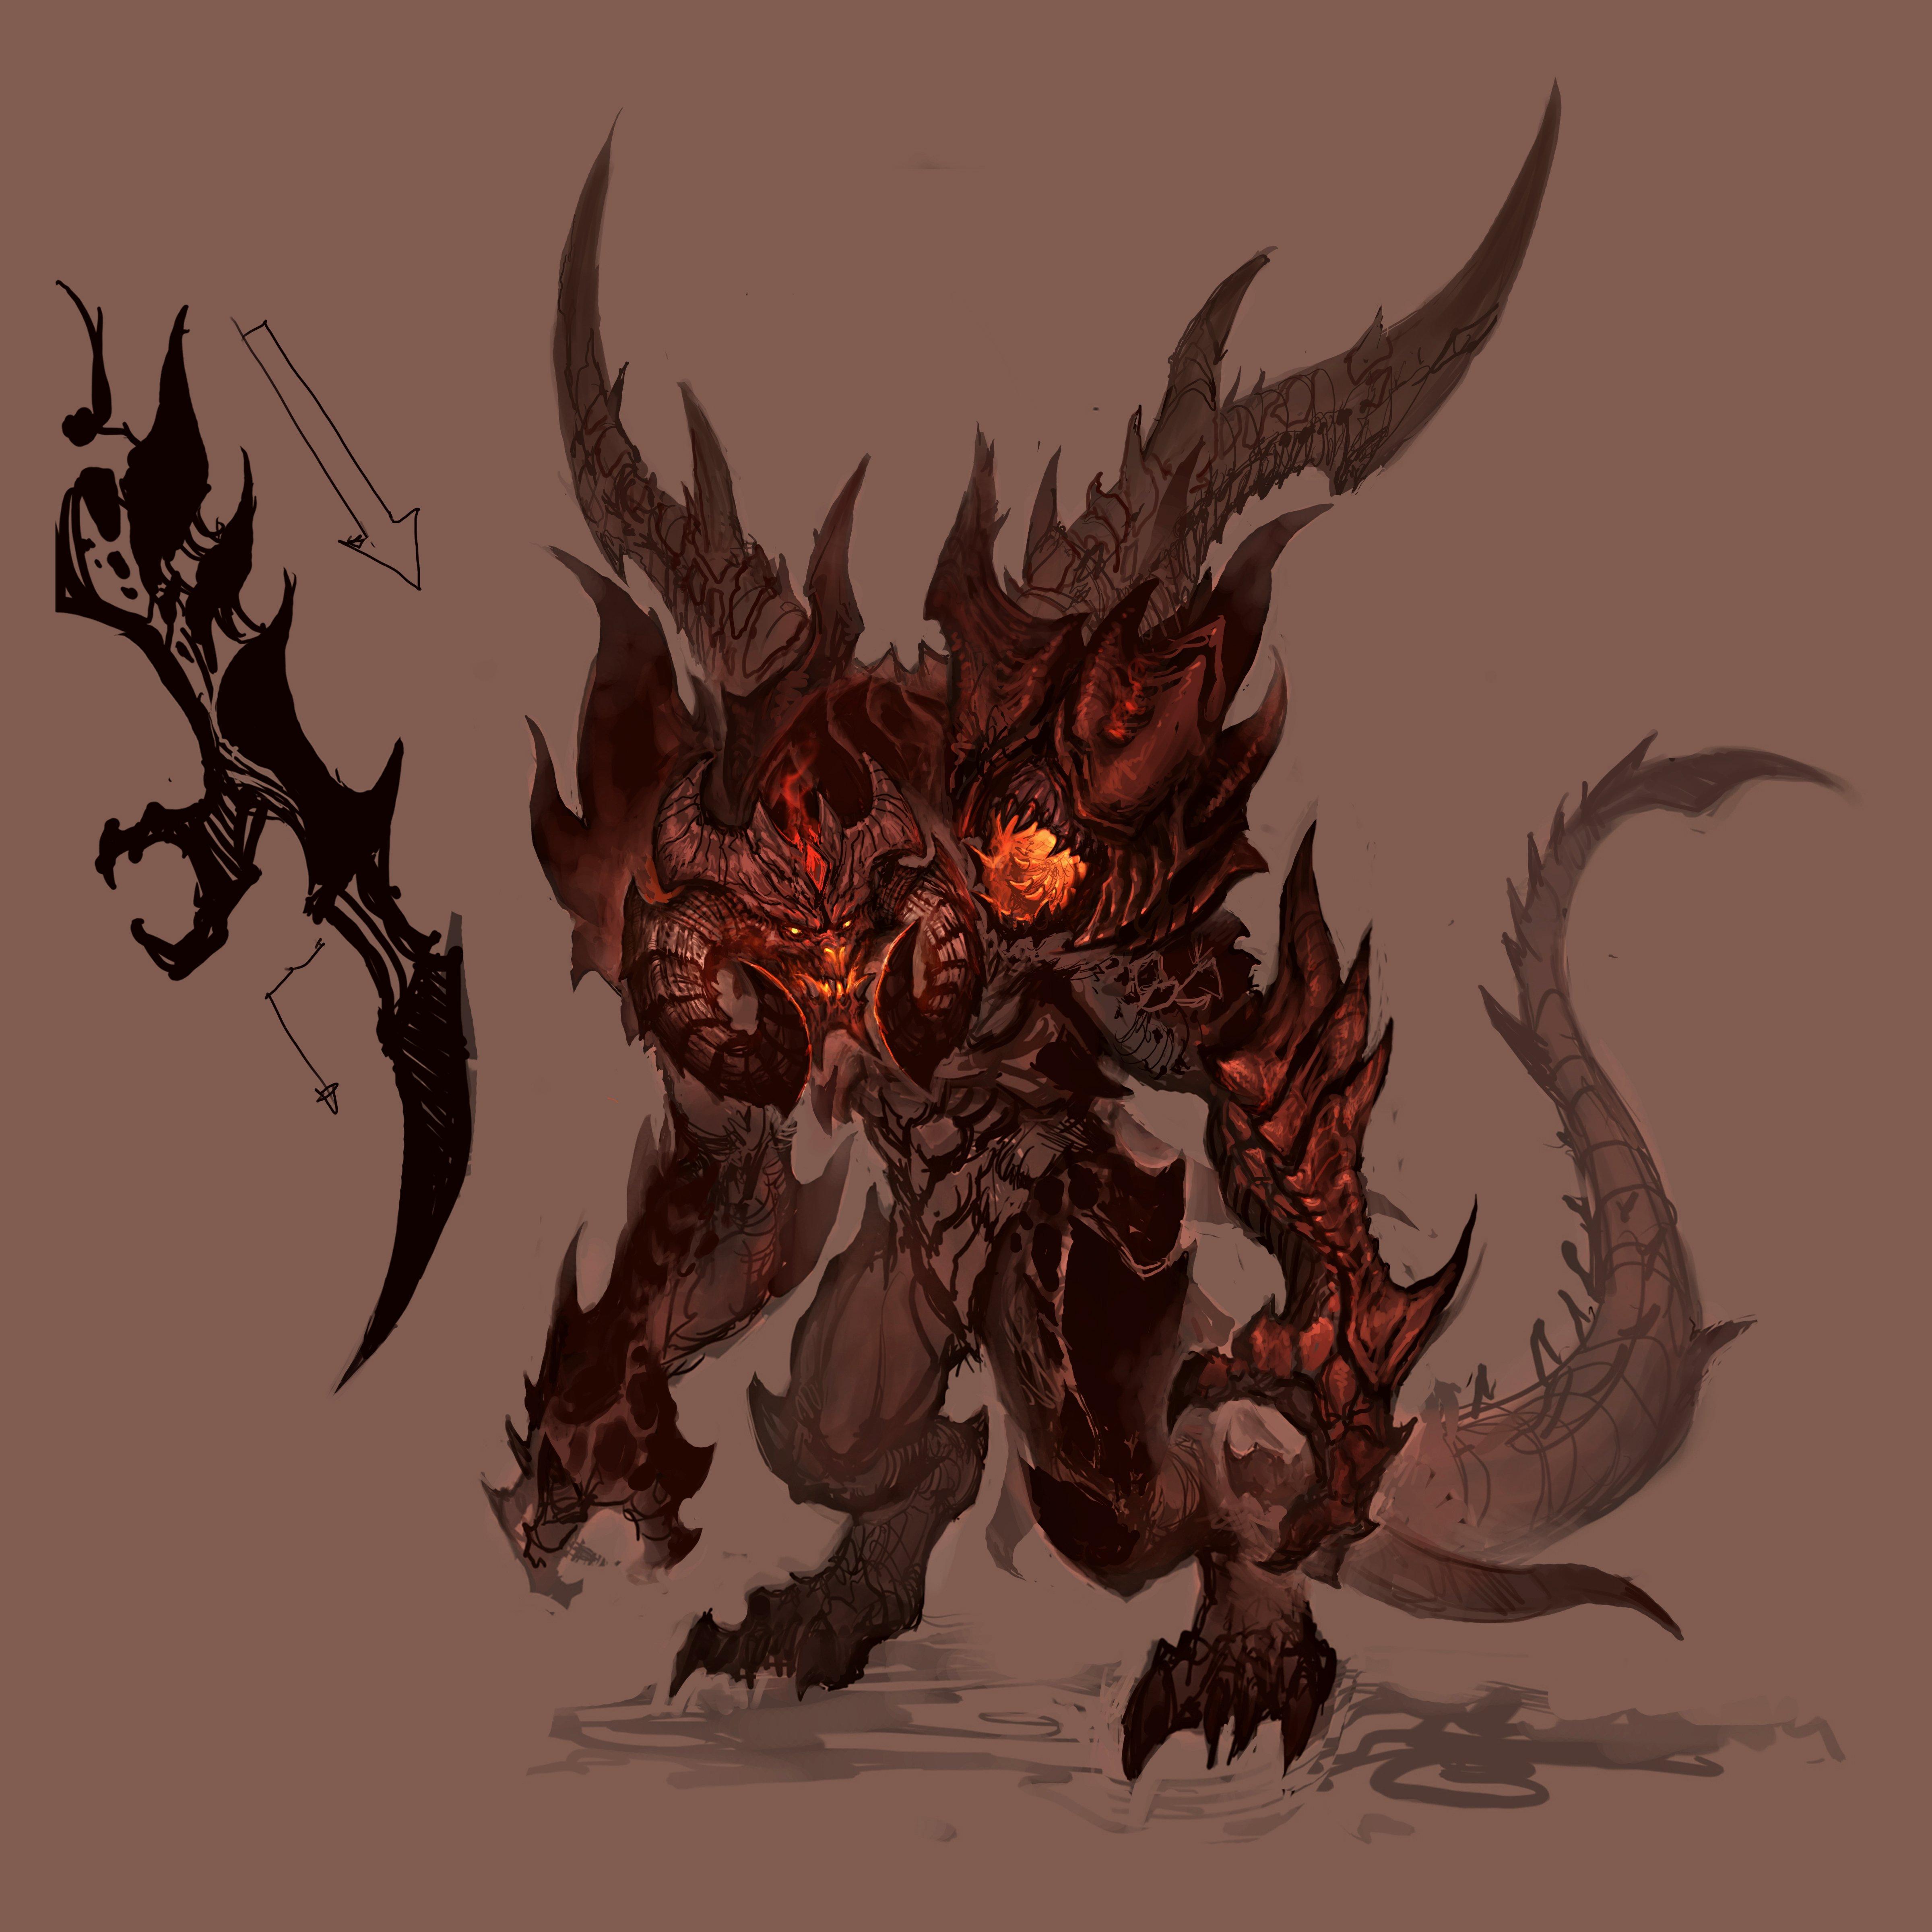 Эксклюзивный арт Diablo III - Изображение 13